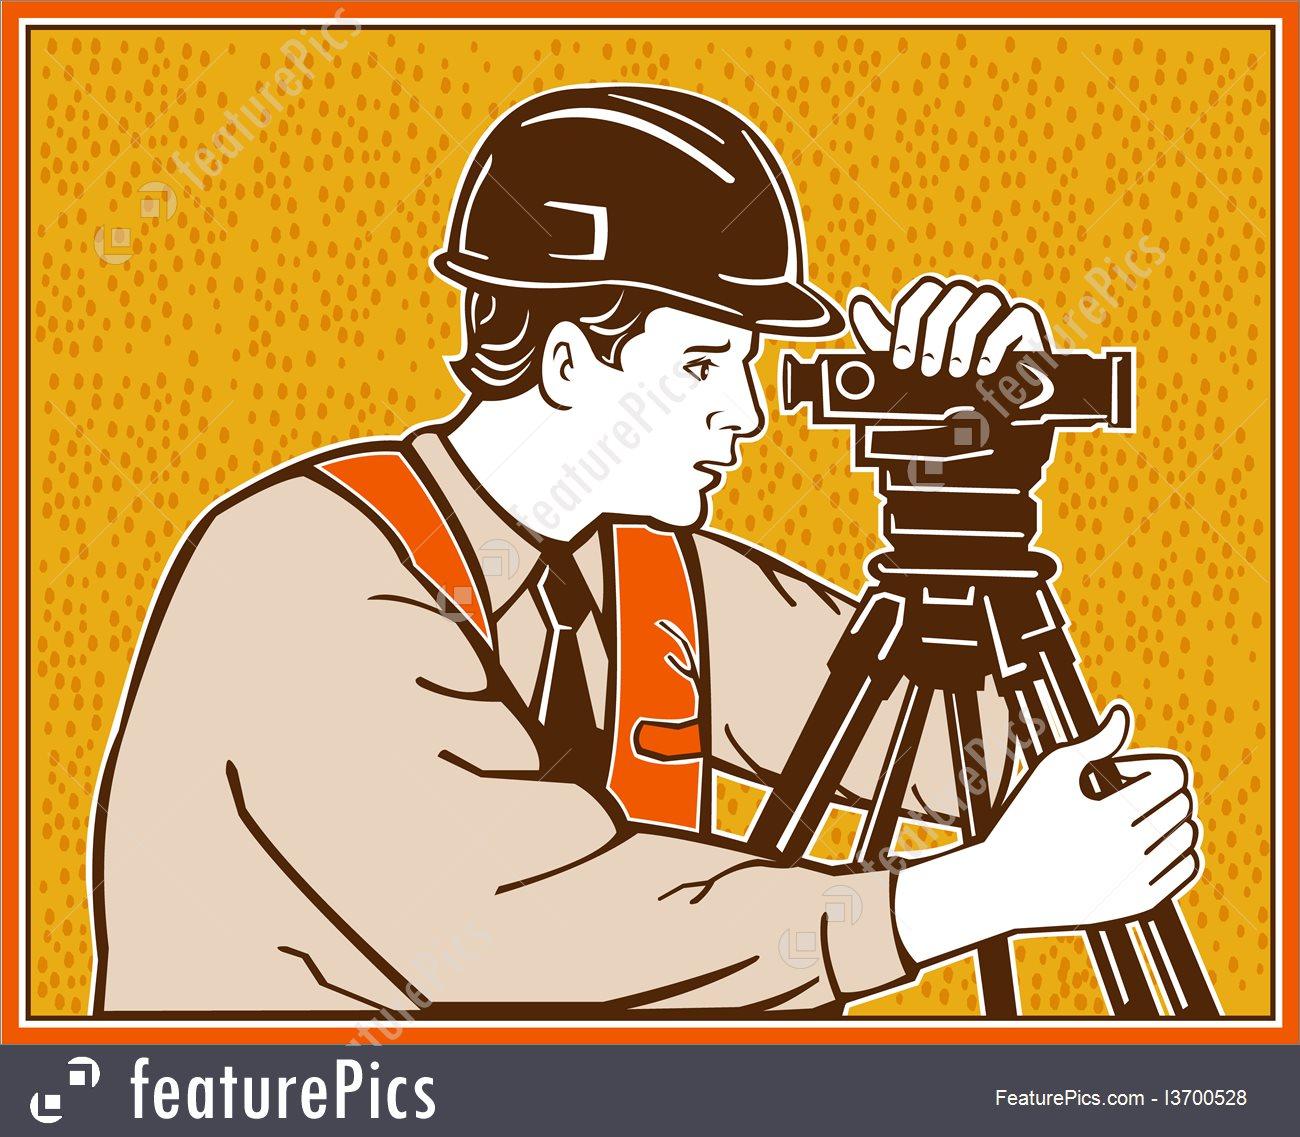 Surveyor Geodetic Civil Engineer Retro Illustration.